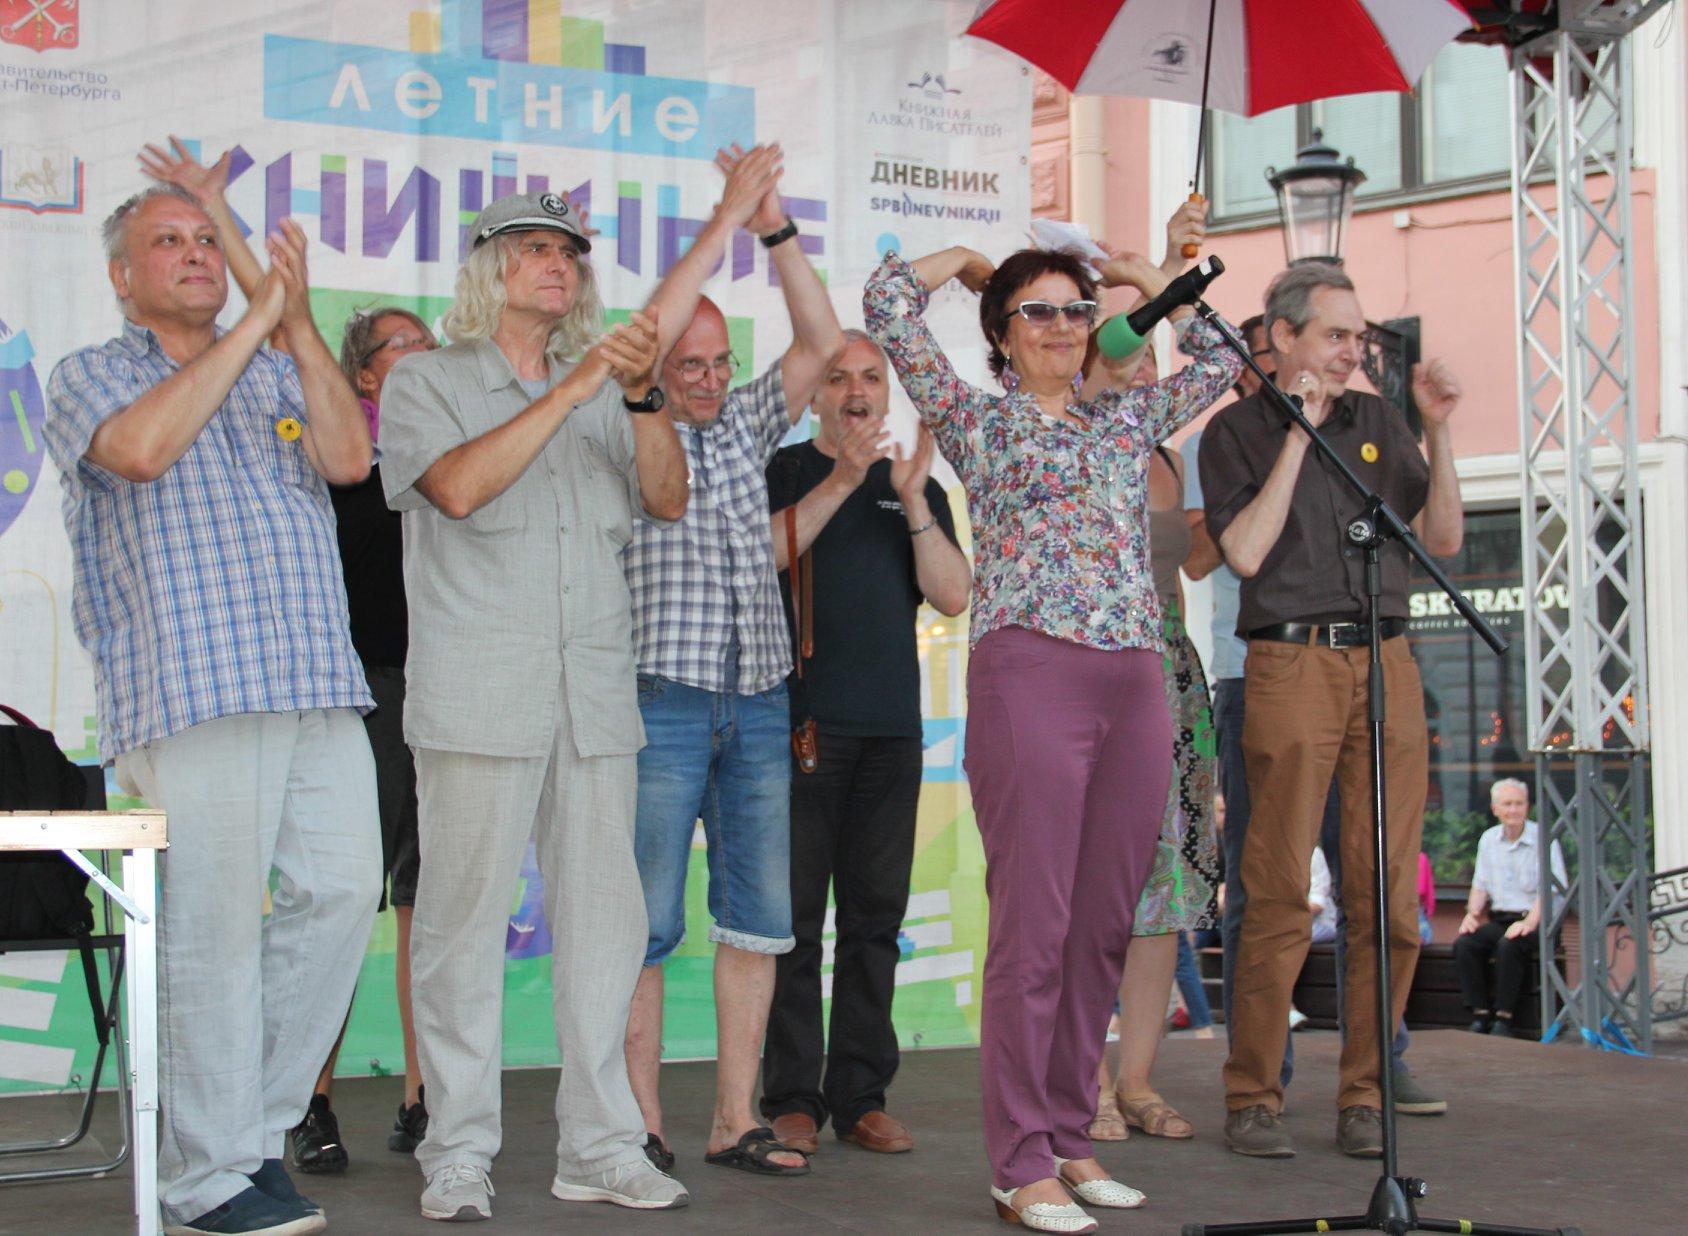 Организаторы фестиваля Петербургские мосты. Открытая сцена на Книжных аллеях